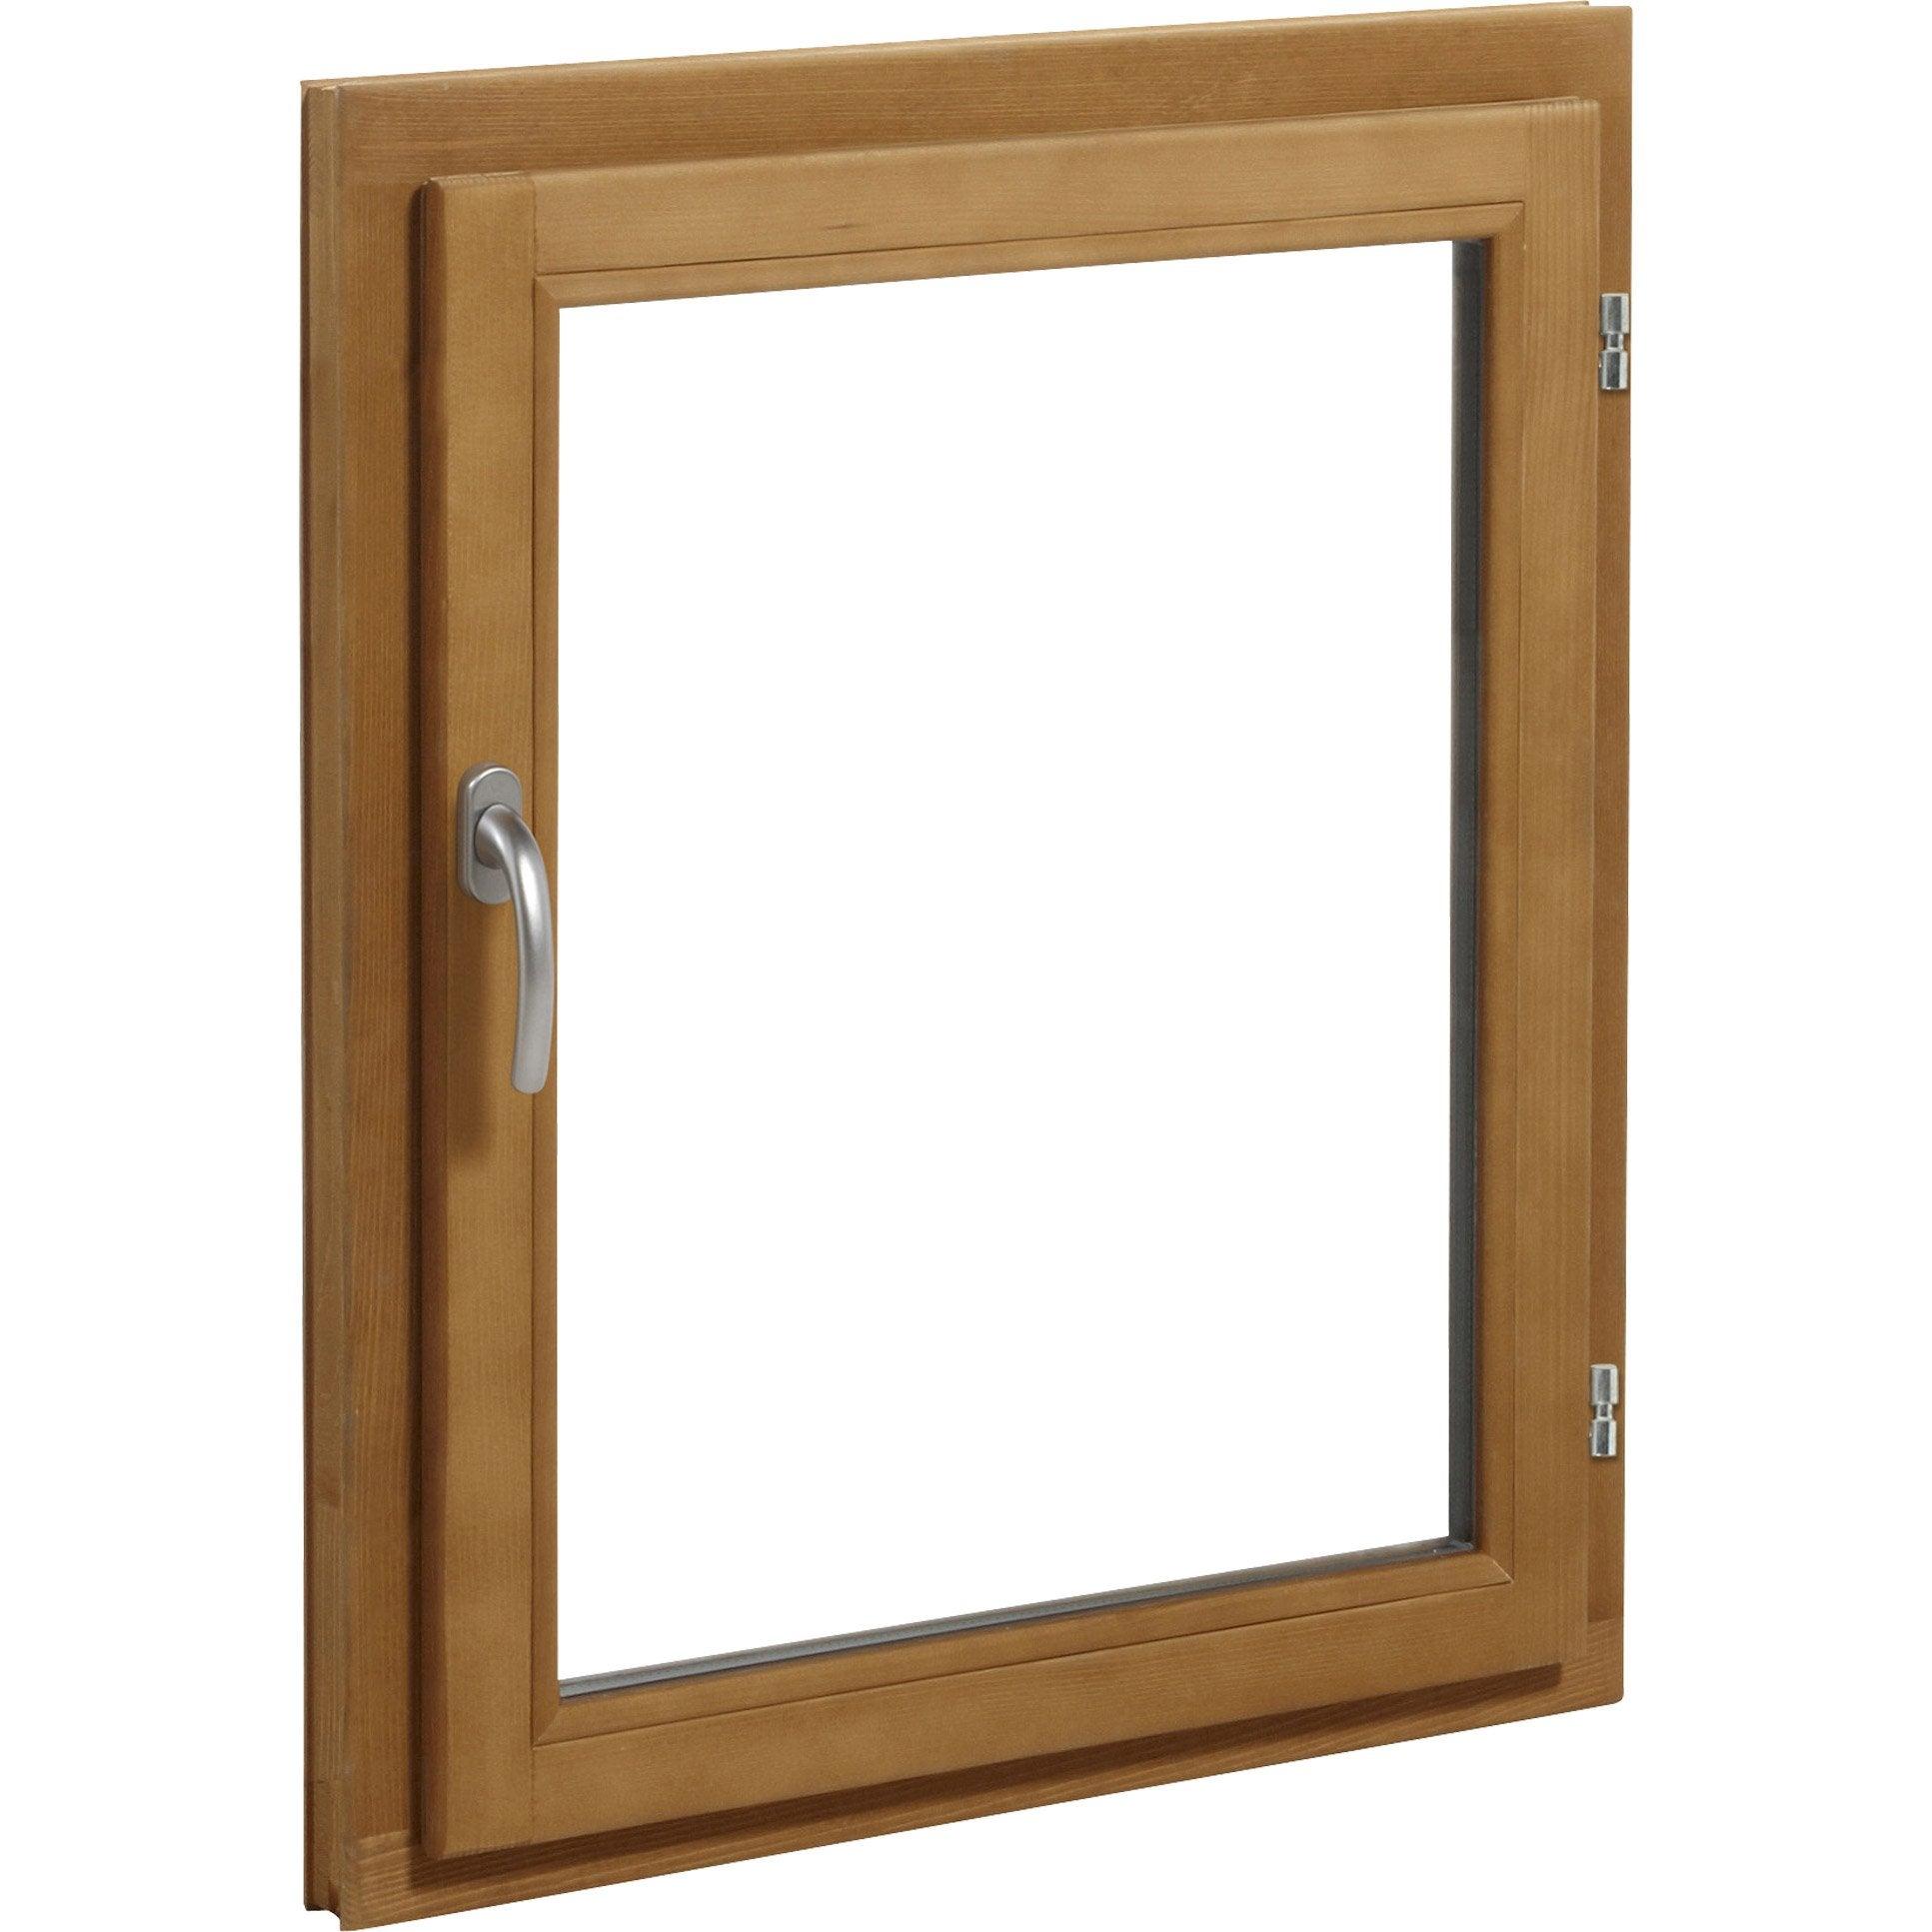 Fenêtre Bois H.45 x l.40 cm, pin, 1 tirant droit